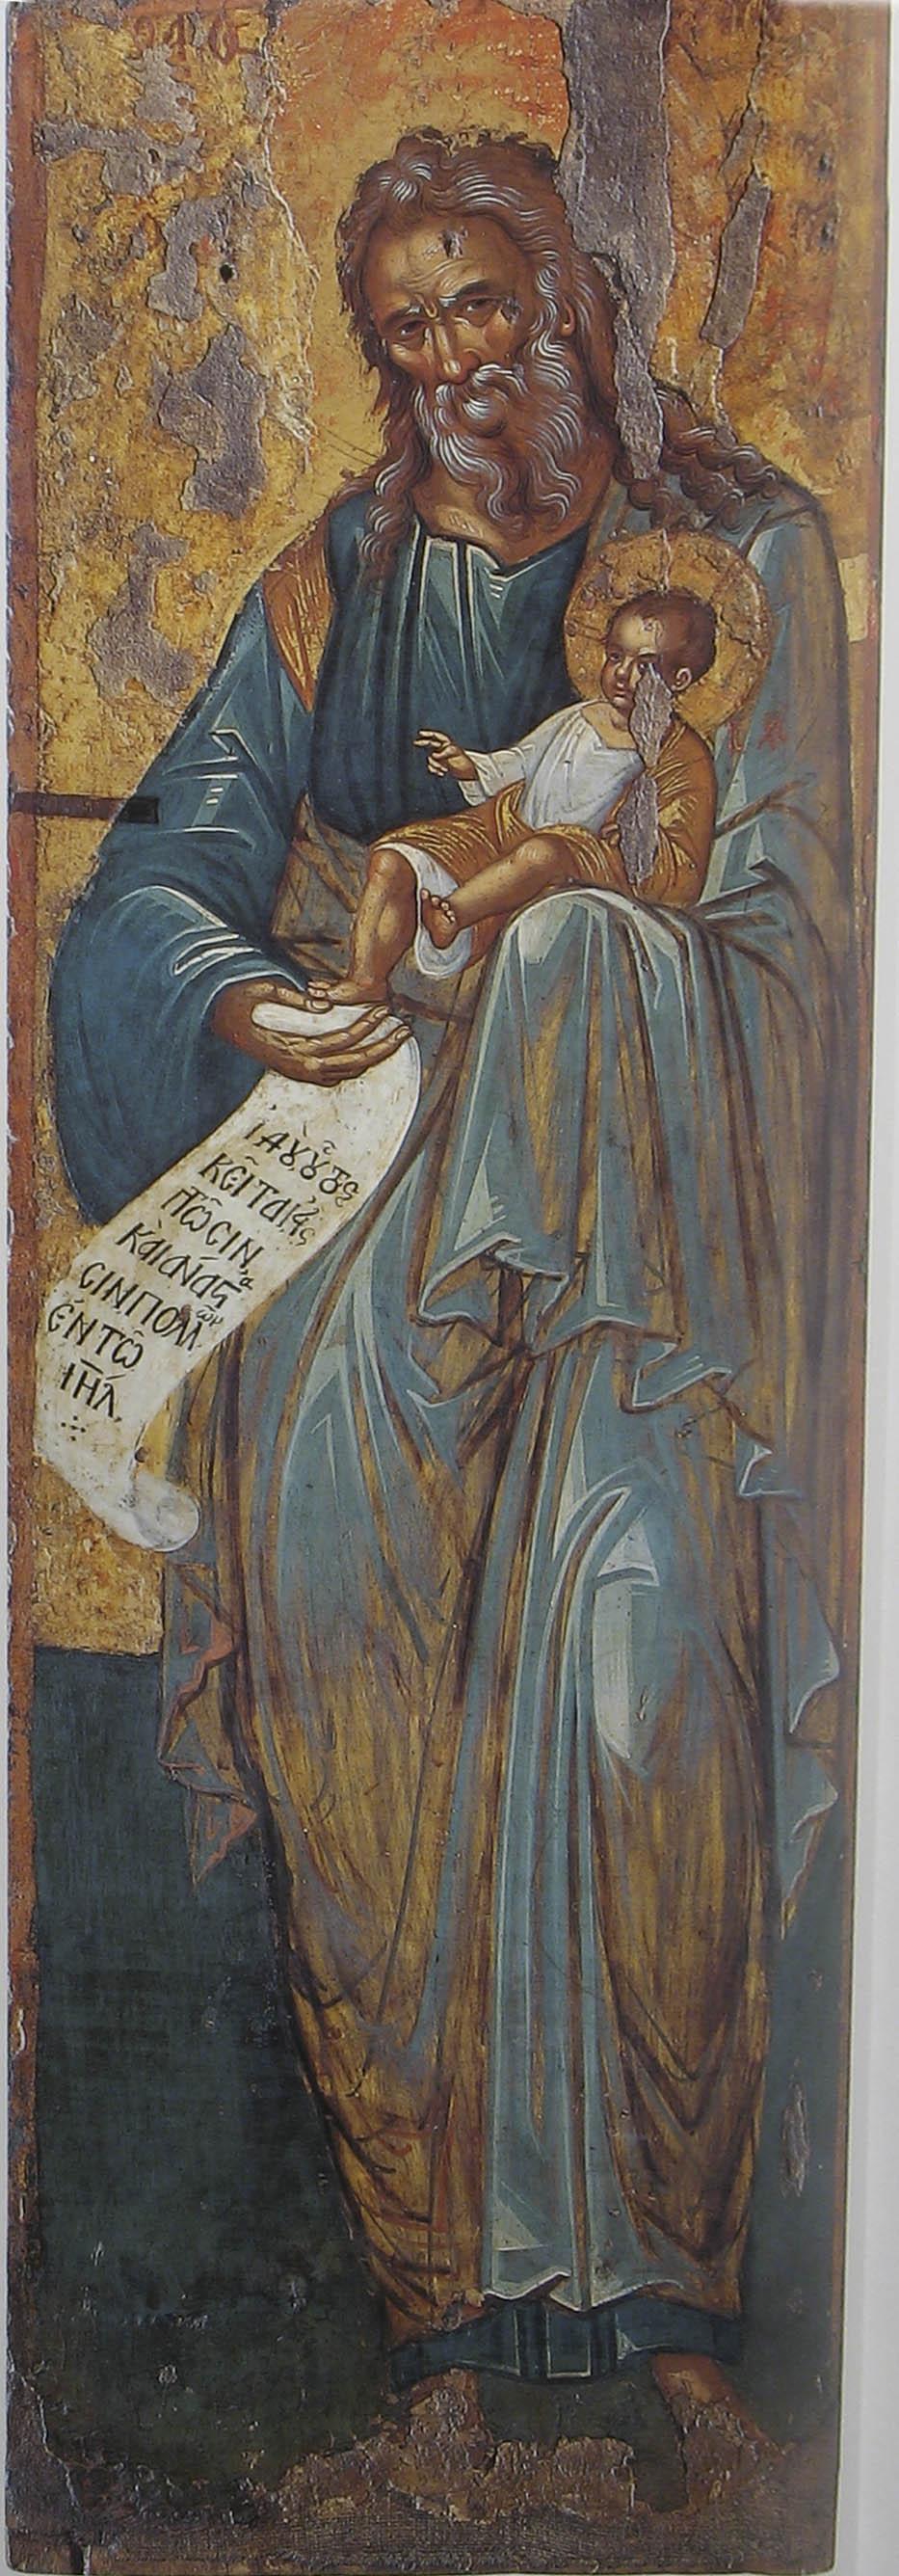 опытом фото древних икон в румынских монастырях городской суд московской